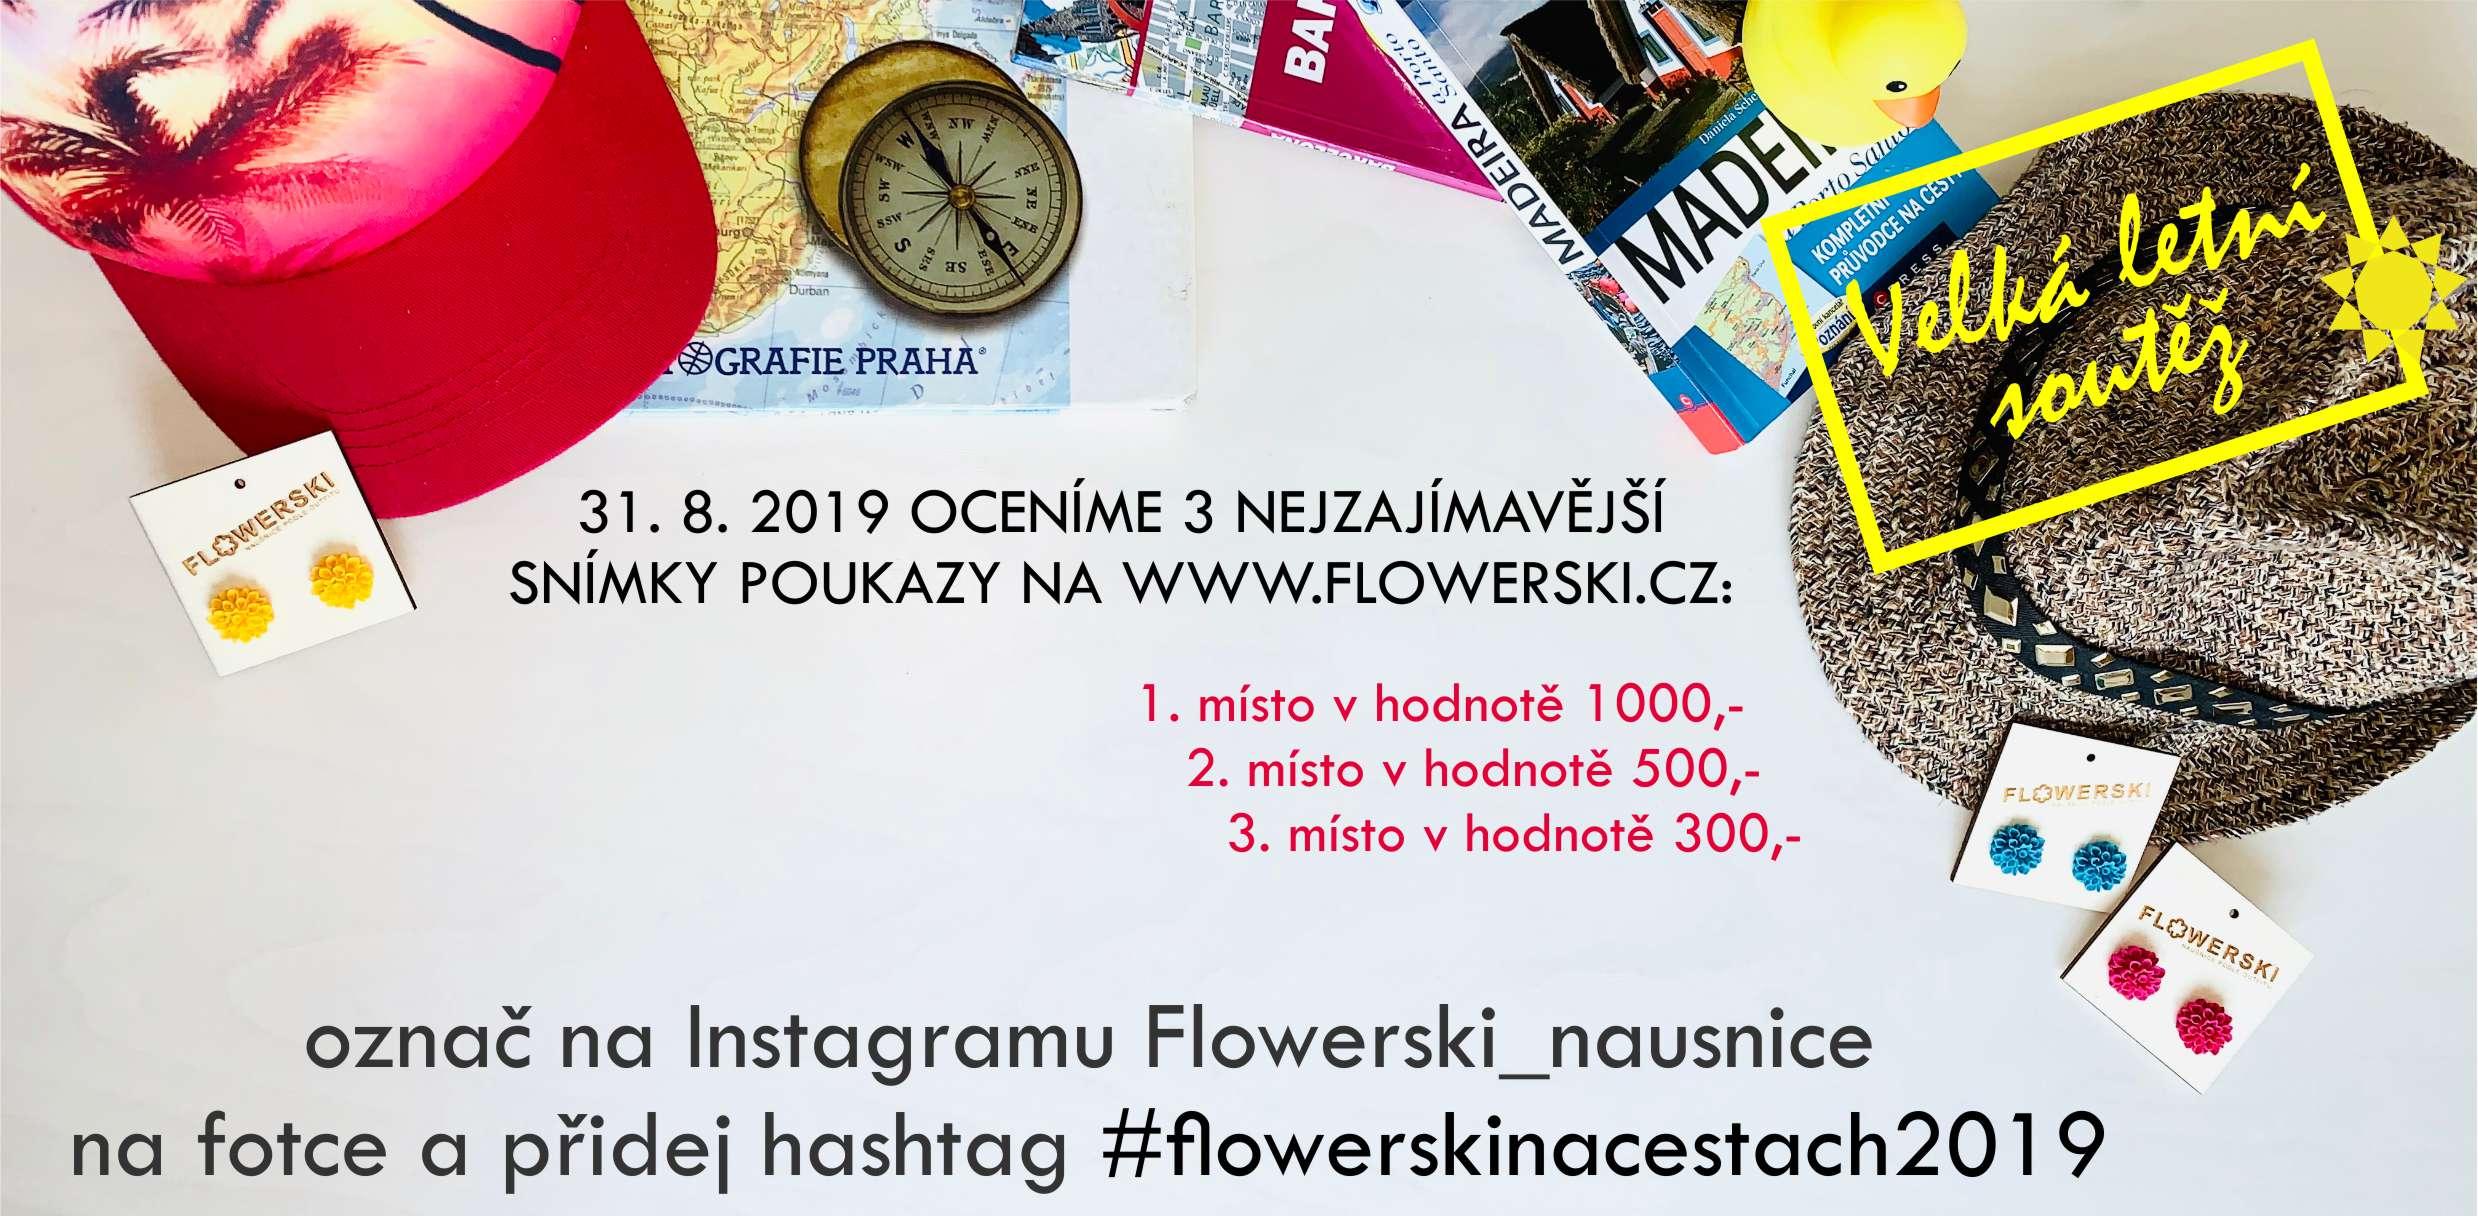 #flowerskinacestach2019